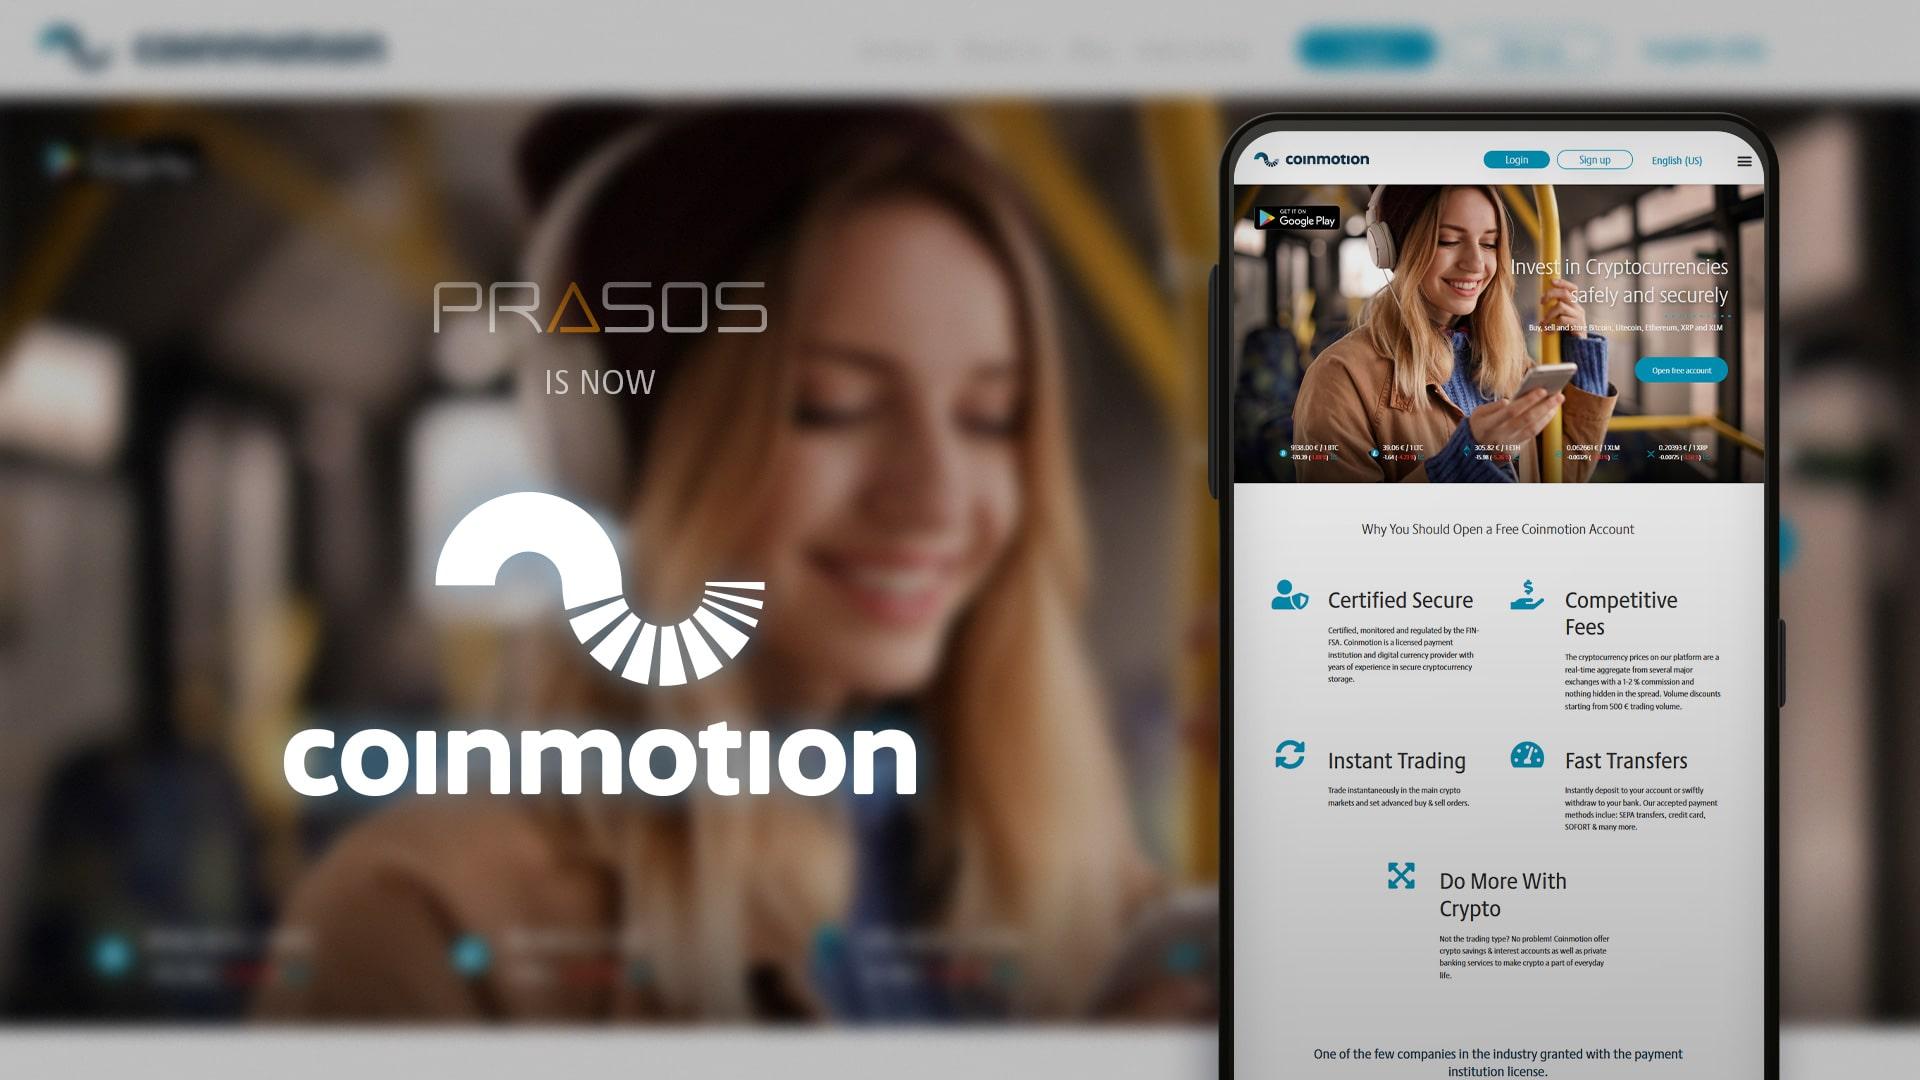 Prasos Oy changes name to Coinmotion Oy